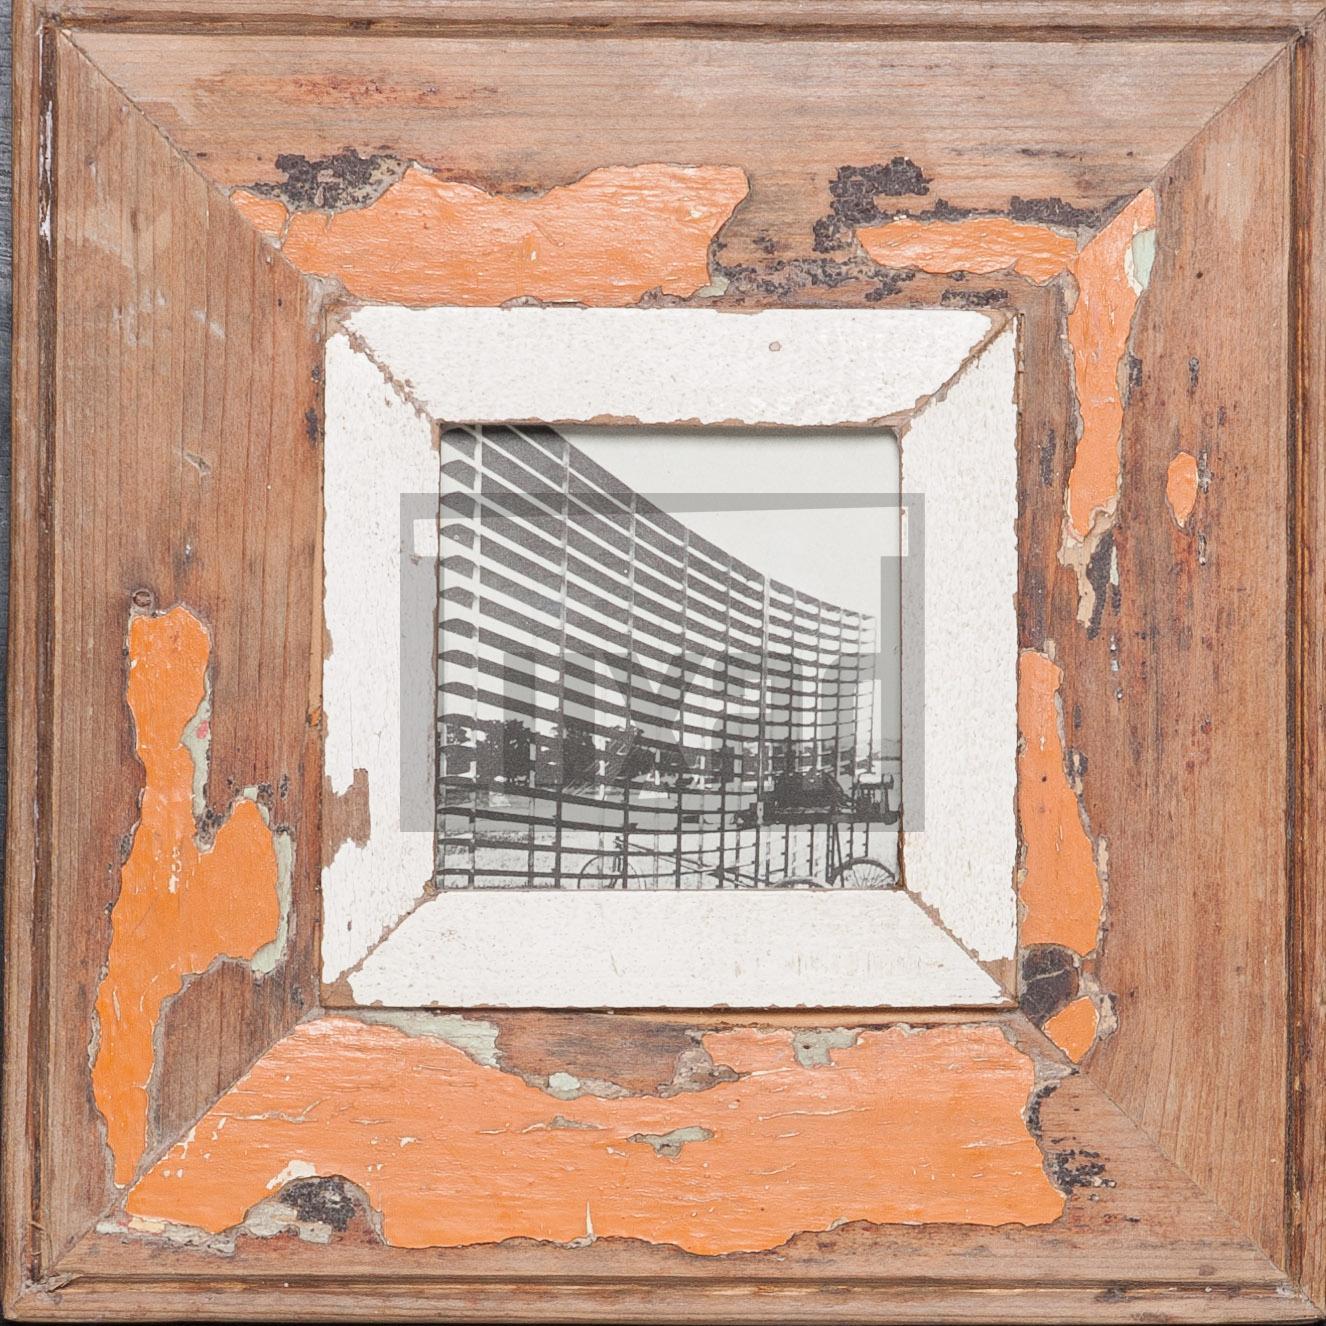 Quadratischer Wechselrahmen aus Recyclingholz für ca. 10,5 x 10,5 cm